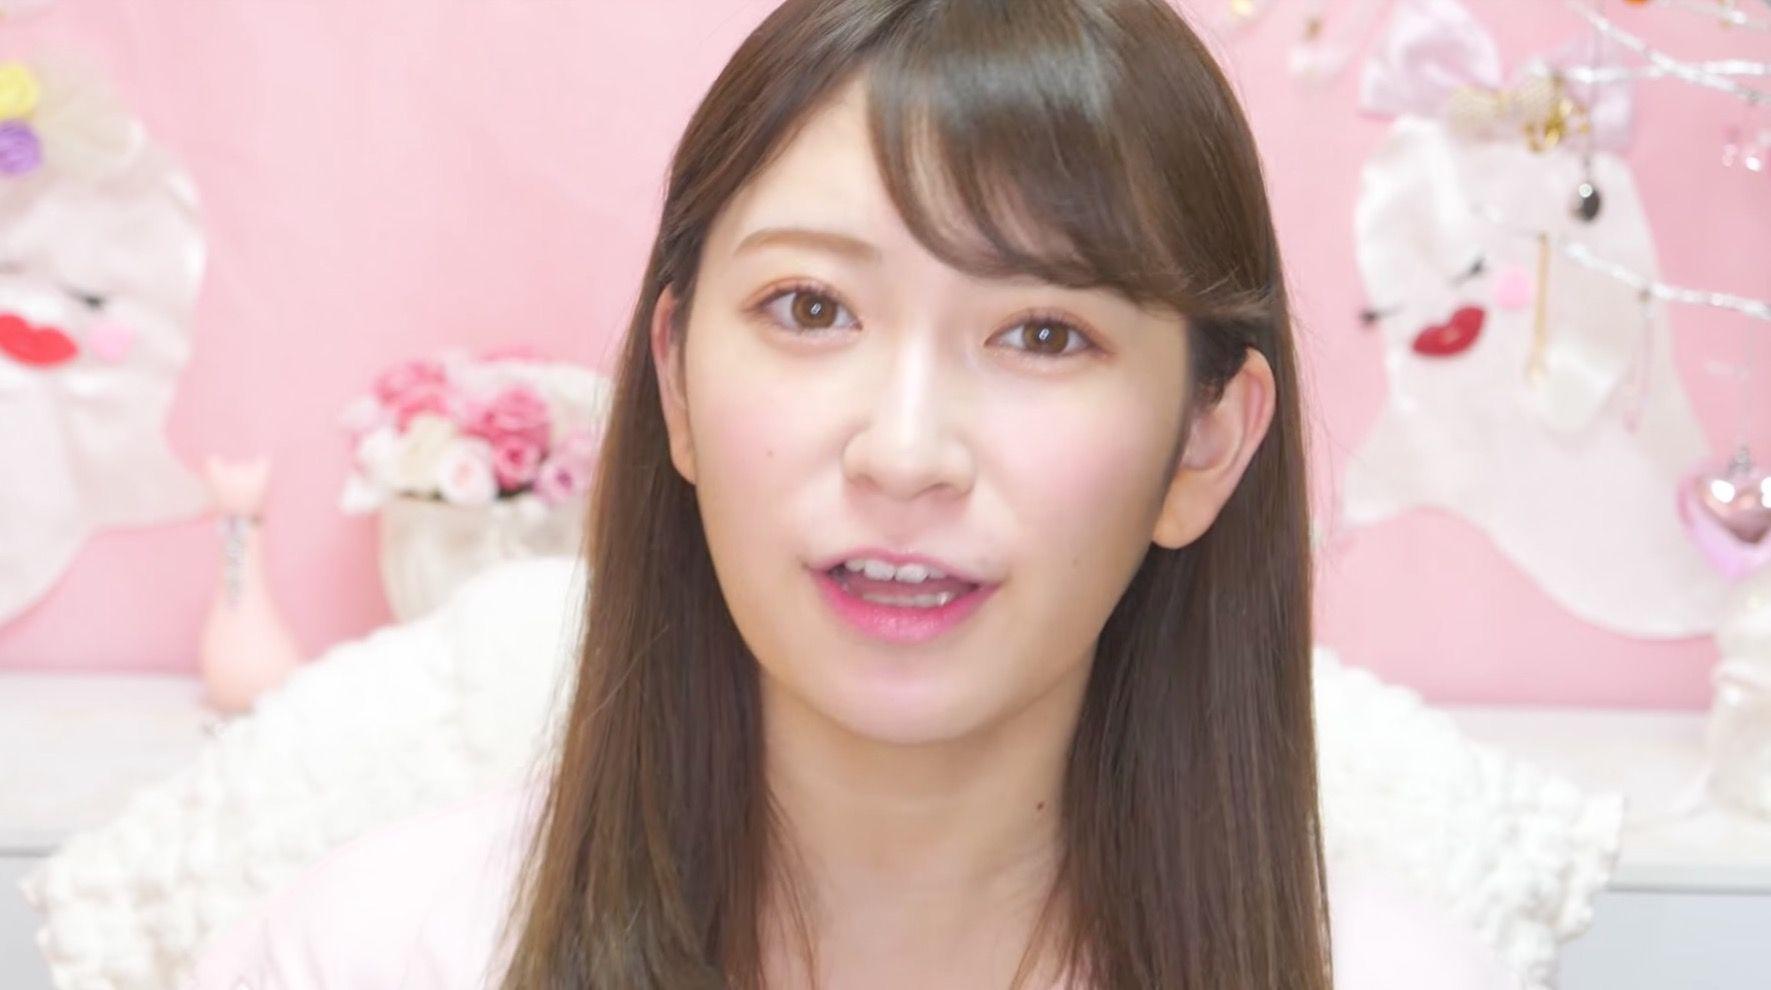 [女子力動画] 吉田朱里「【キャンメイク】新作♡プチプラ高発色リップレビュー」